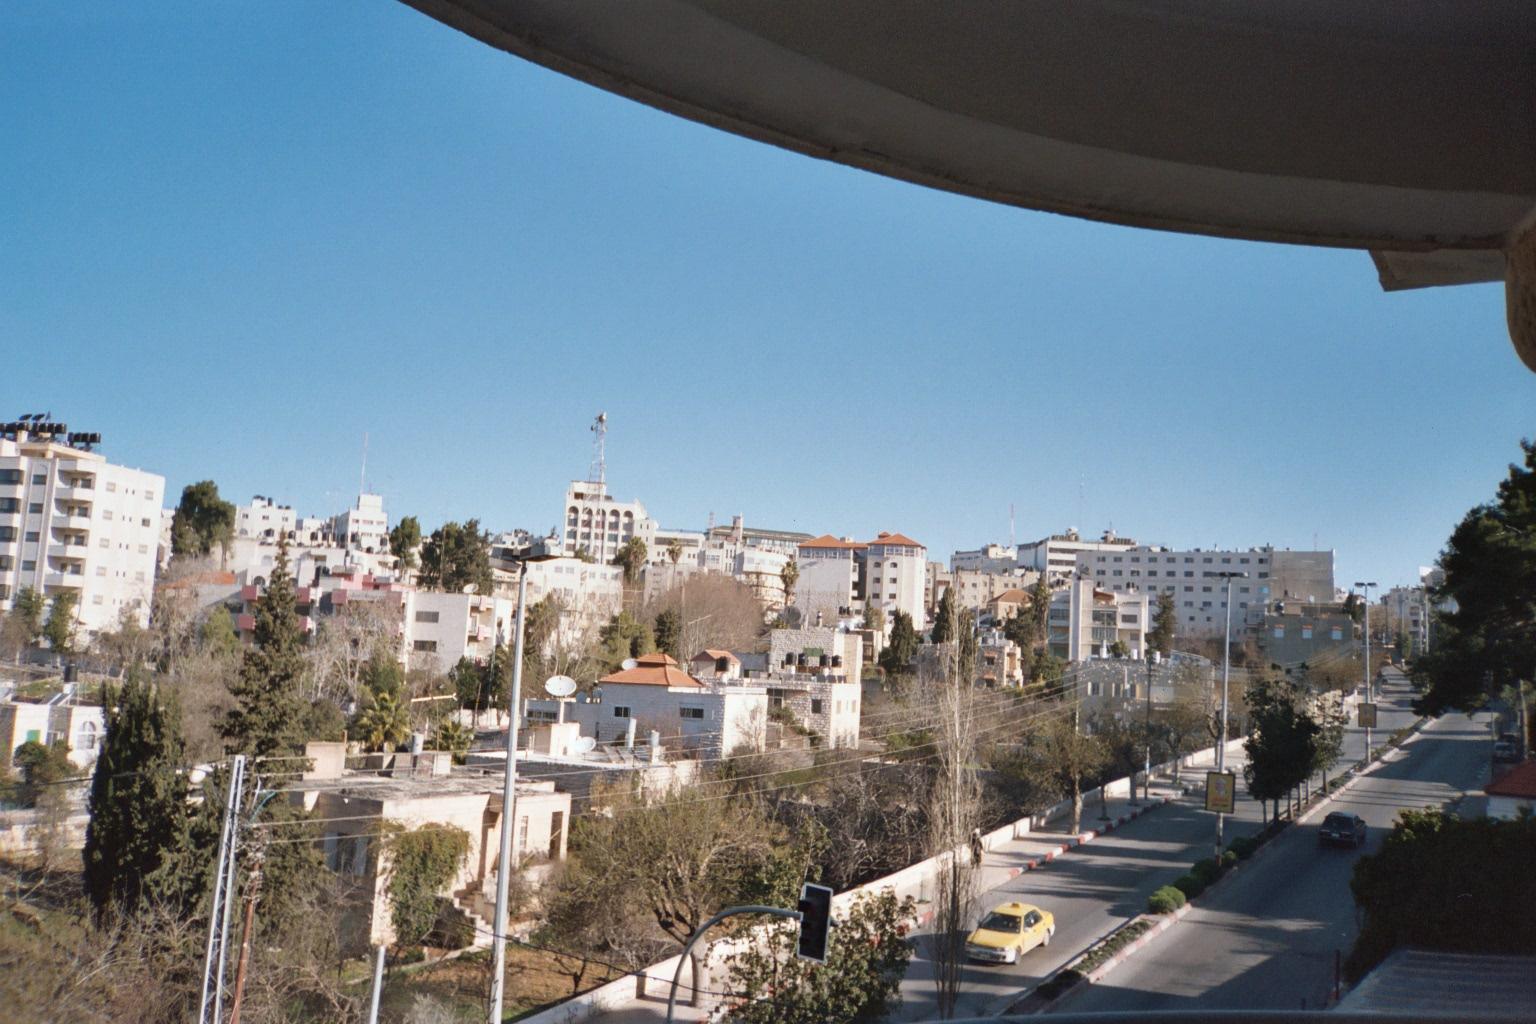 رام الله في أسطر وصور Ramallah-10595